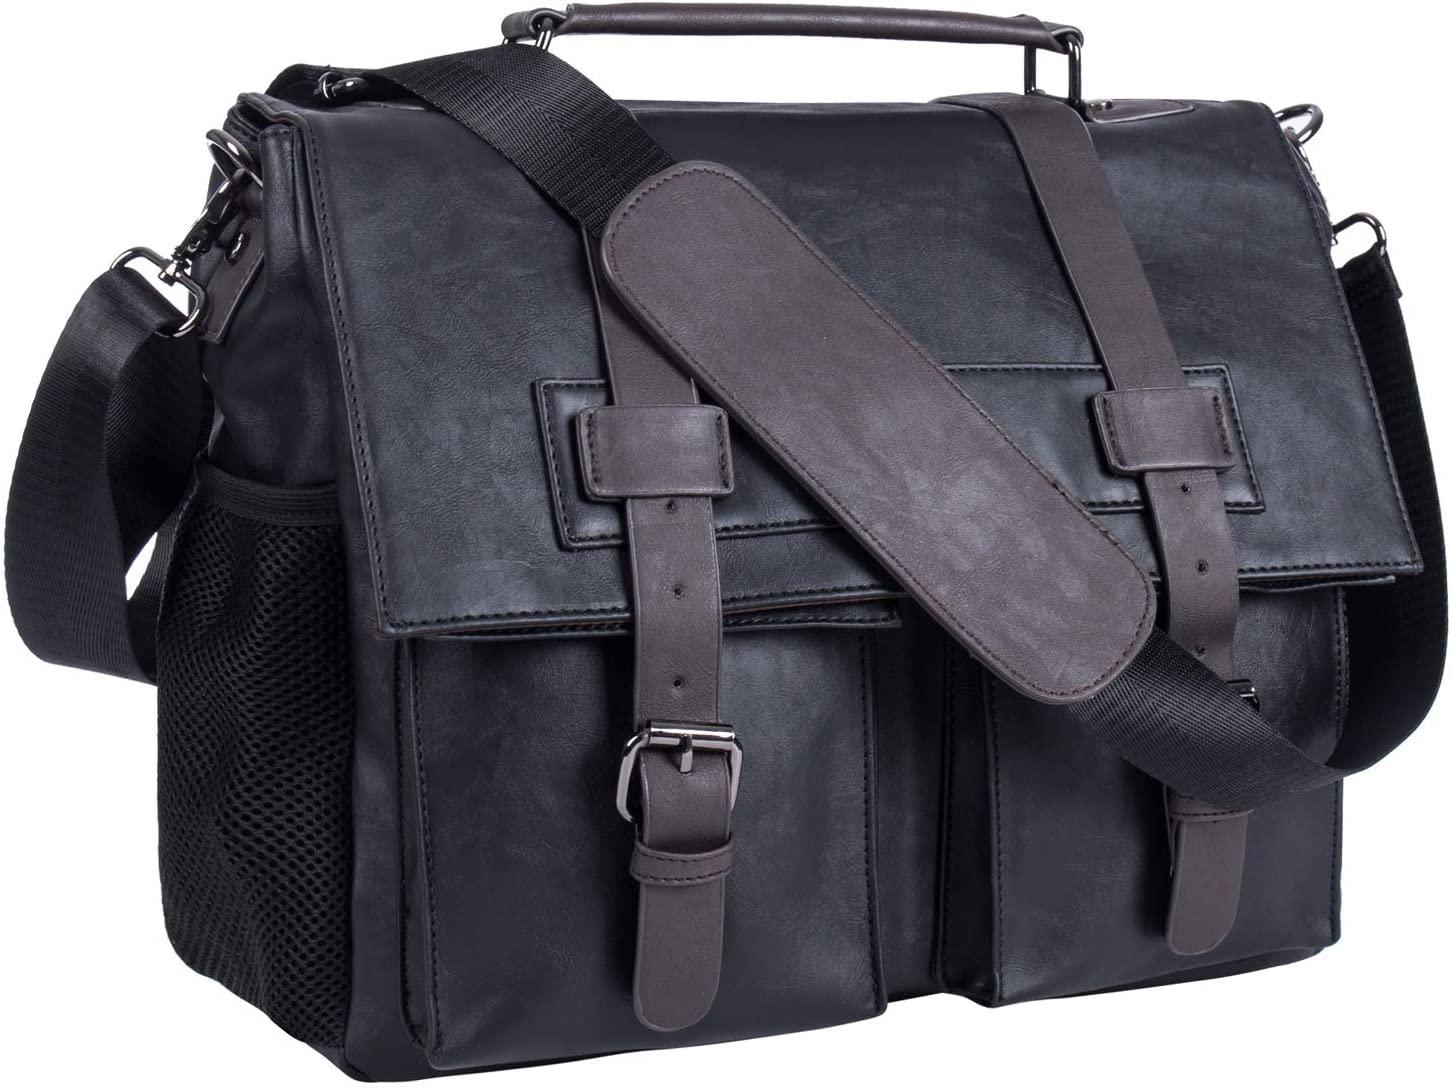 Leather Camera Bag, Waterproof Vintage DSLR SLR Shockproof Camera Shoulder Messenger Bag Compatible for Canon Sony Nikon -Black